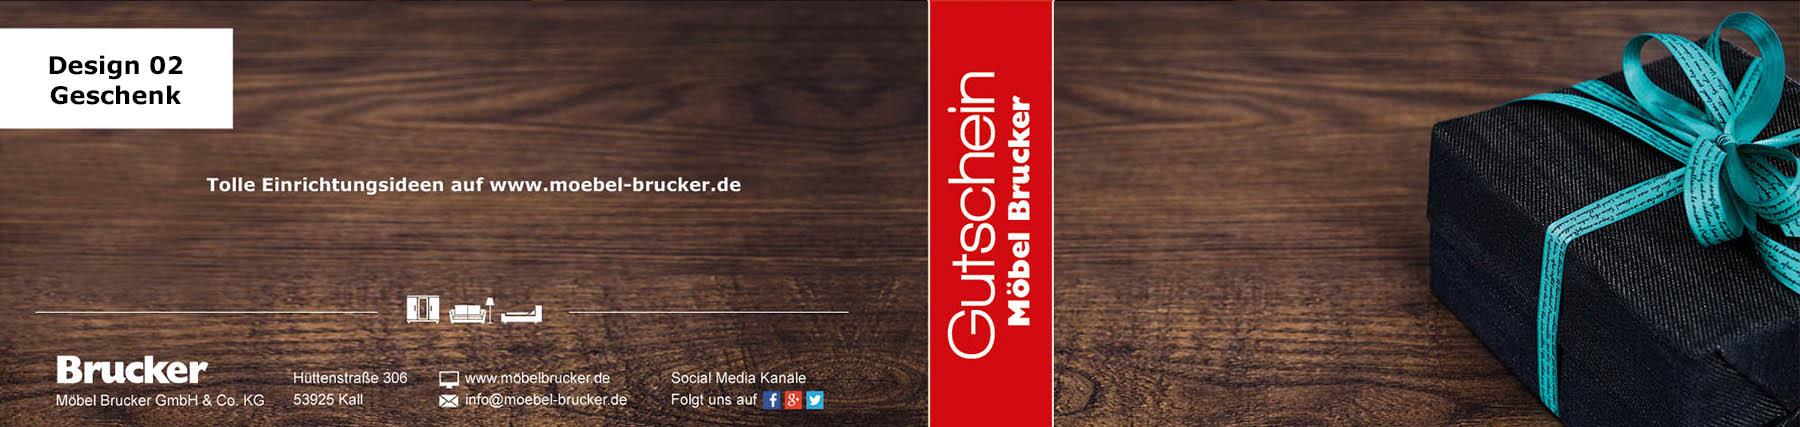 Gutschein-Designs-2